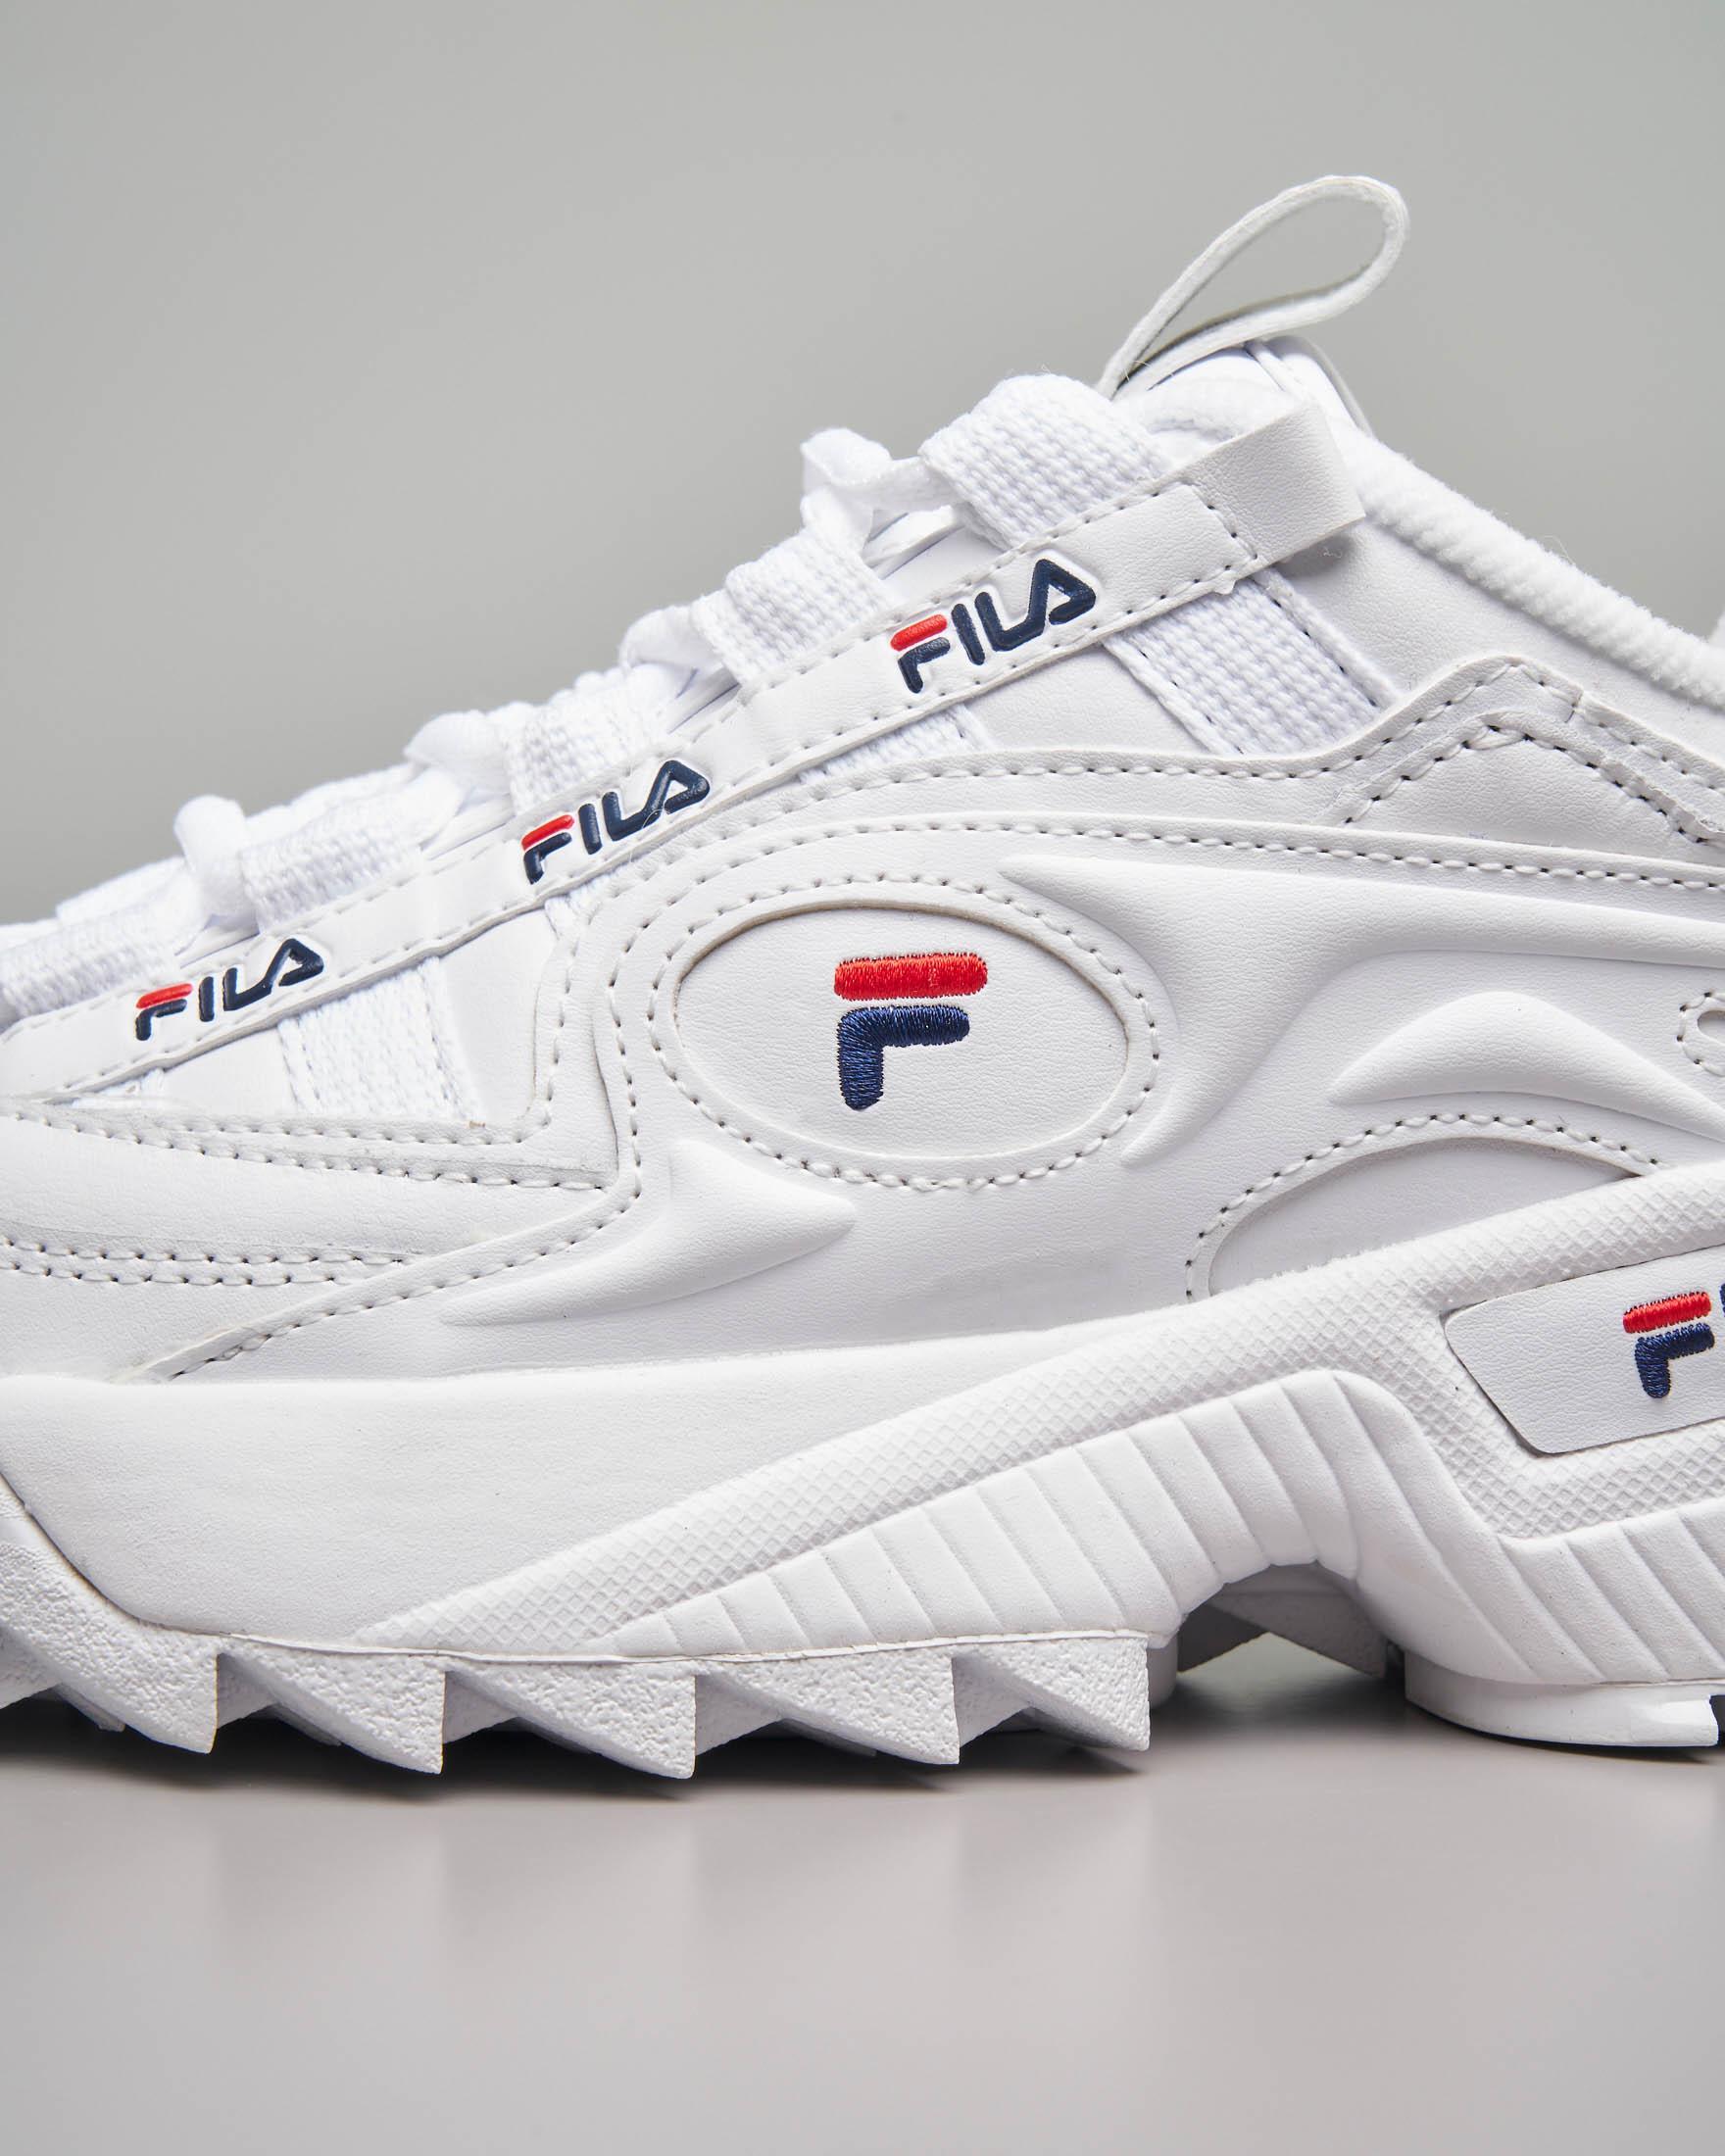 Sneaker Fila D Formation bianche con rifiniture rosse e blu | Pellizzari E commerce